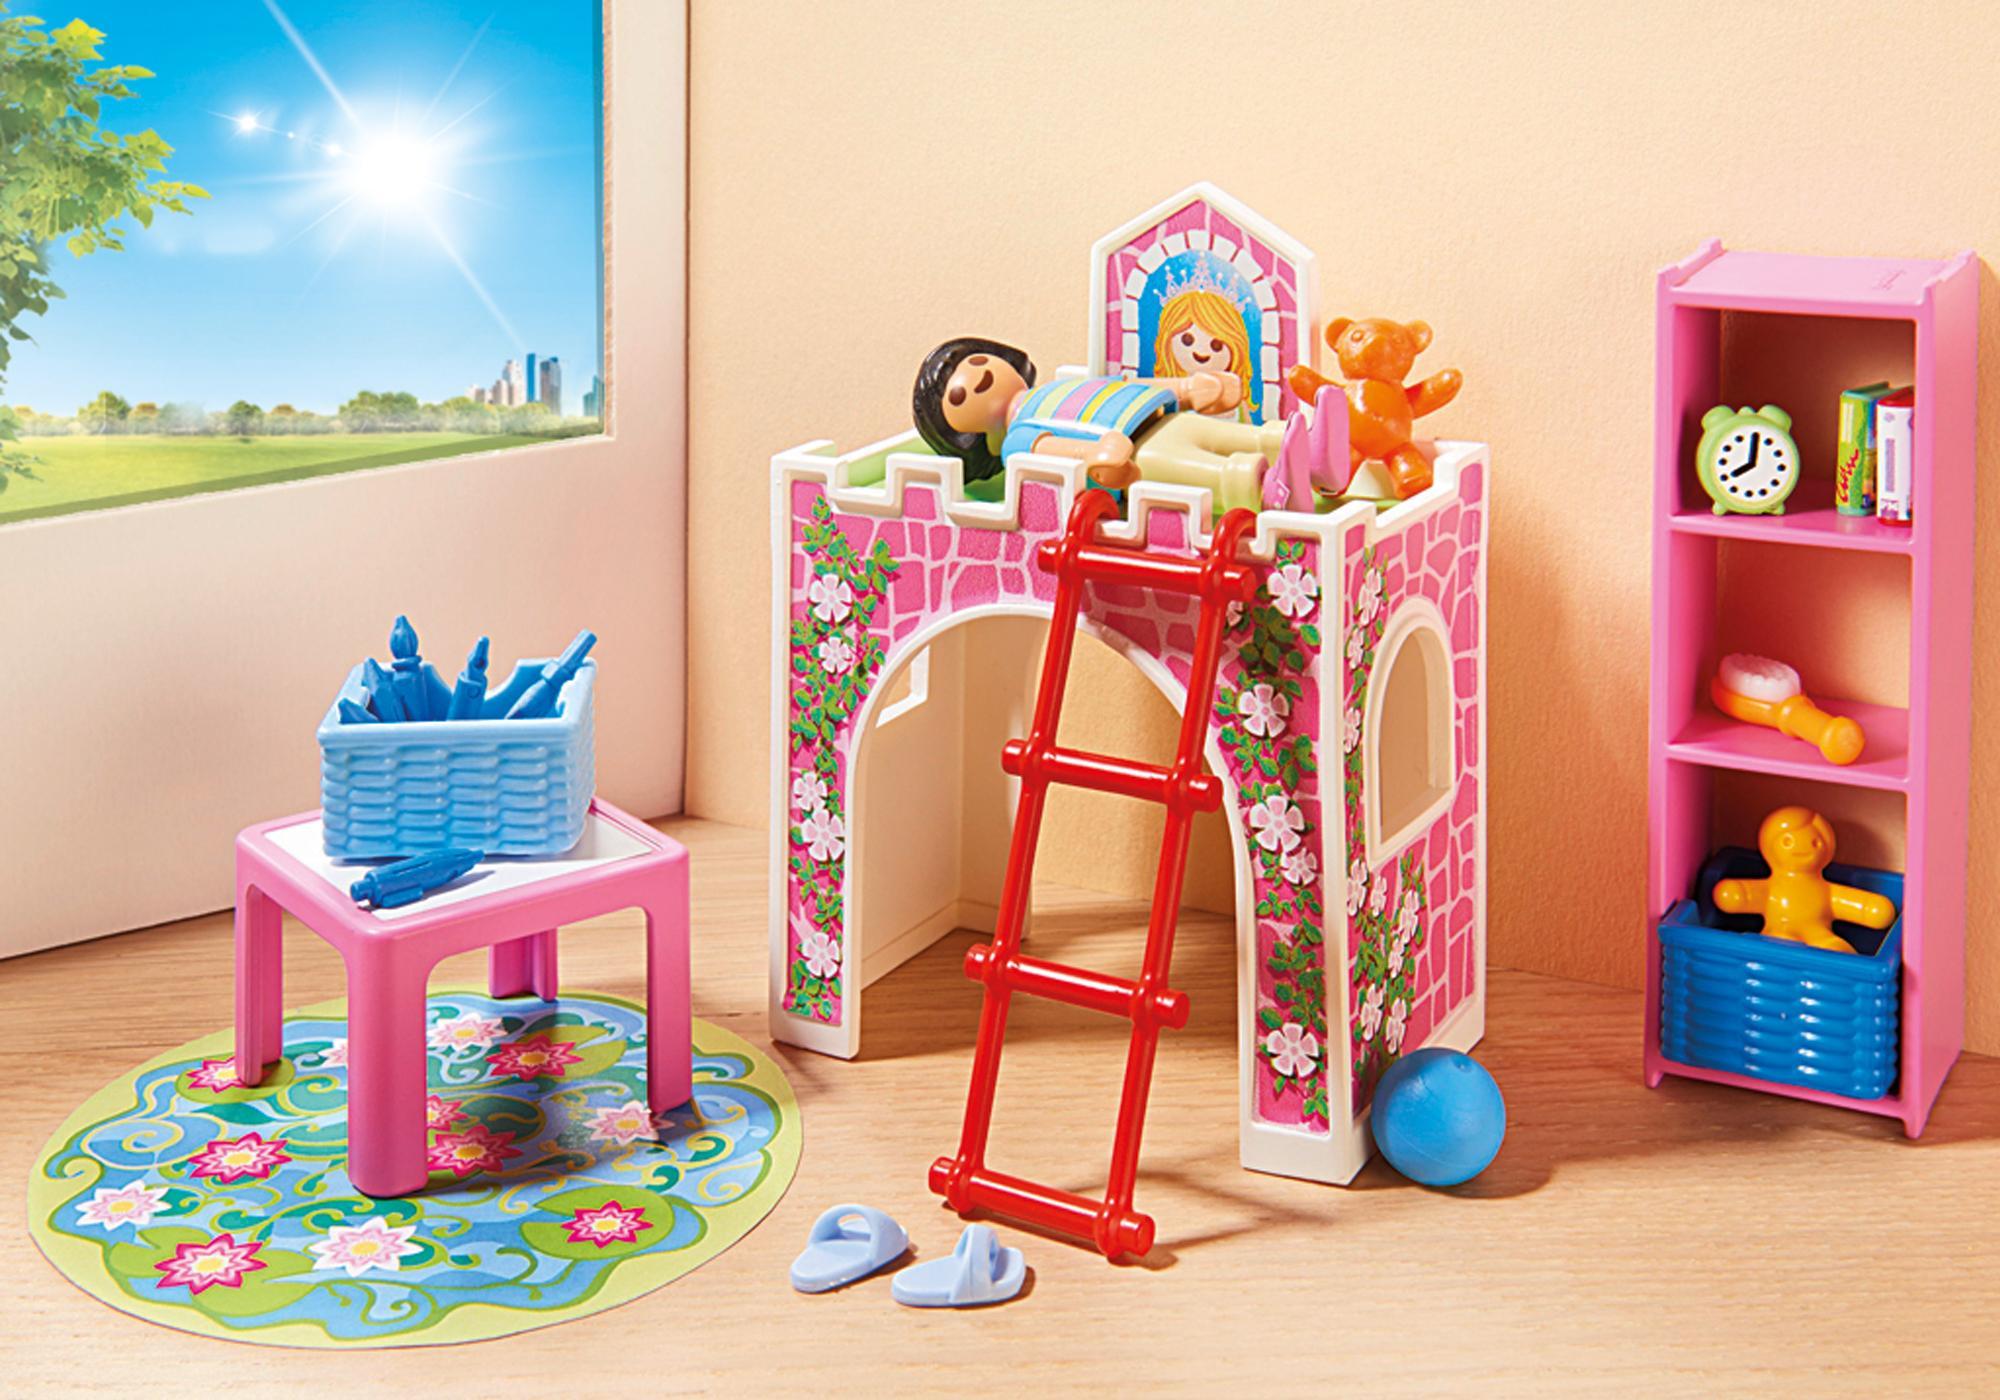 Playmobil Keuken 9269 : Playmobil küche cucina moderna playmobil